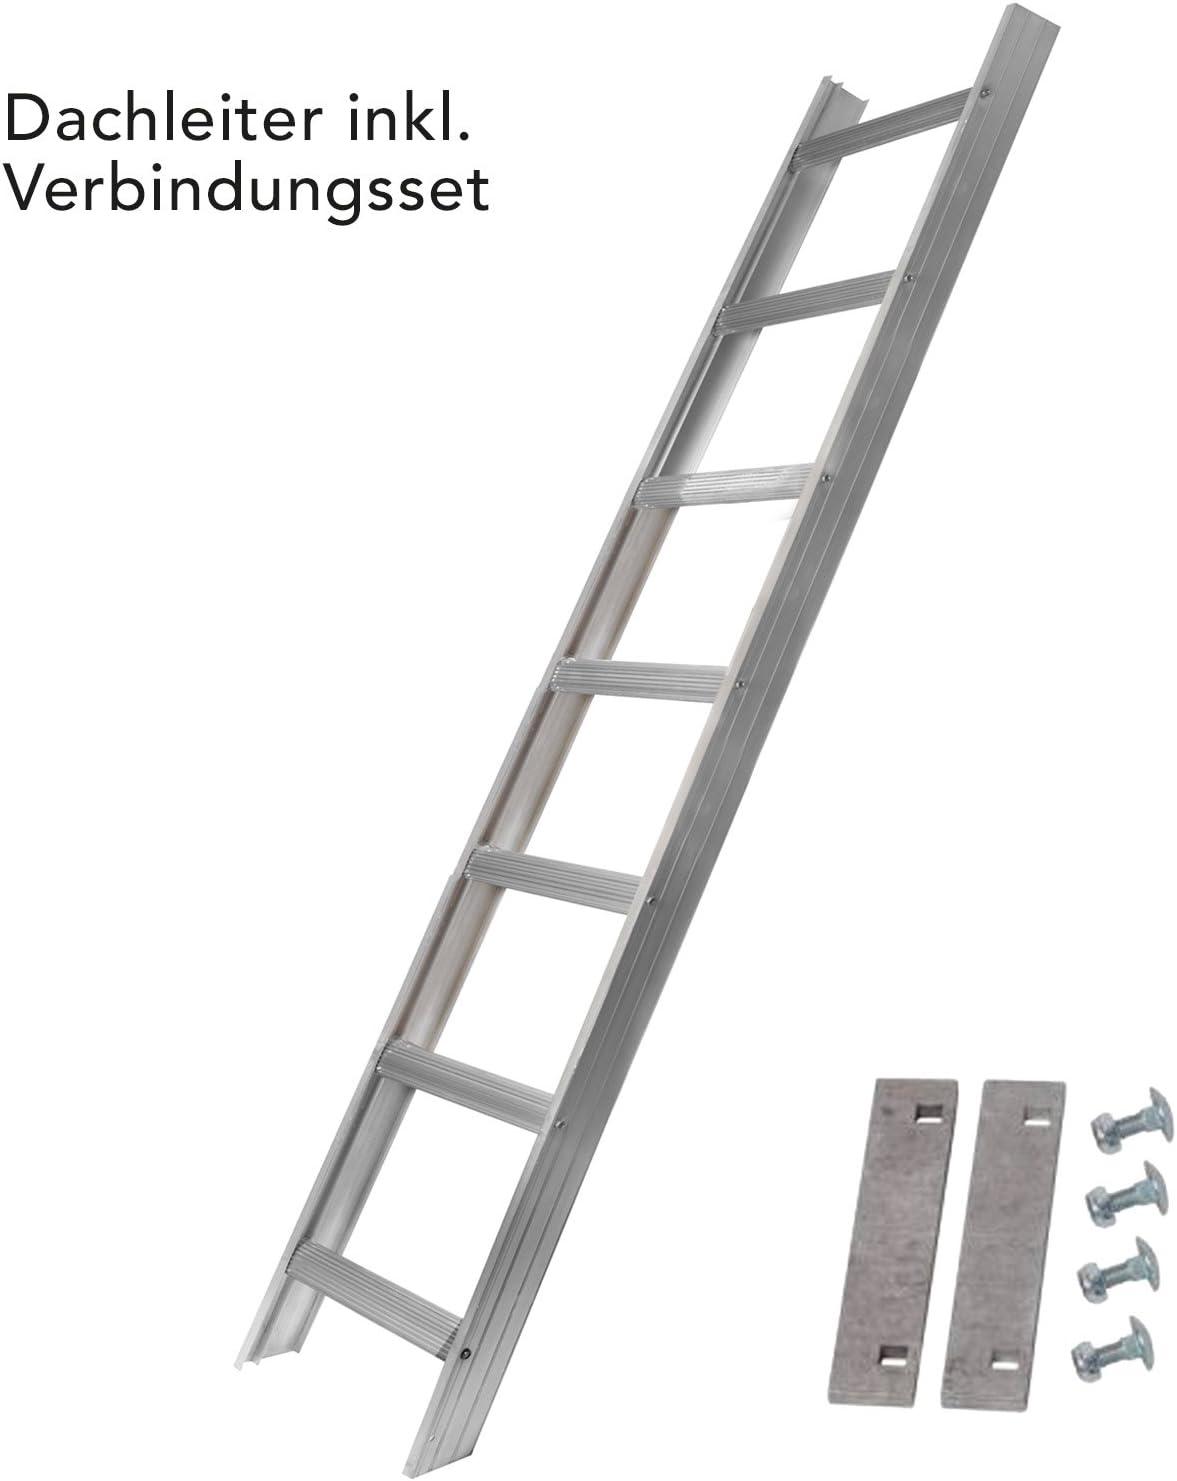 Aluminio Escalera de tejado Juego 5,04 M con para ganchos de tejado para montaje para sartén teja 50 mm gekröpft a vigas con cojín para proteger y aushebe, fabricado en Alemania, dekra.,